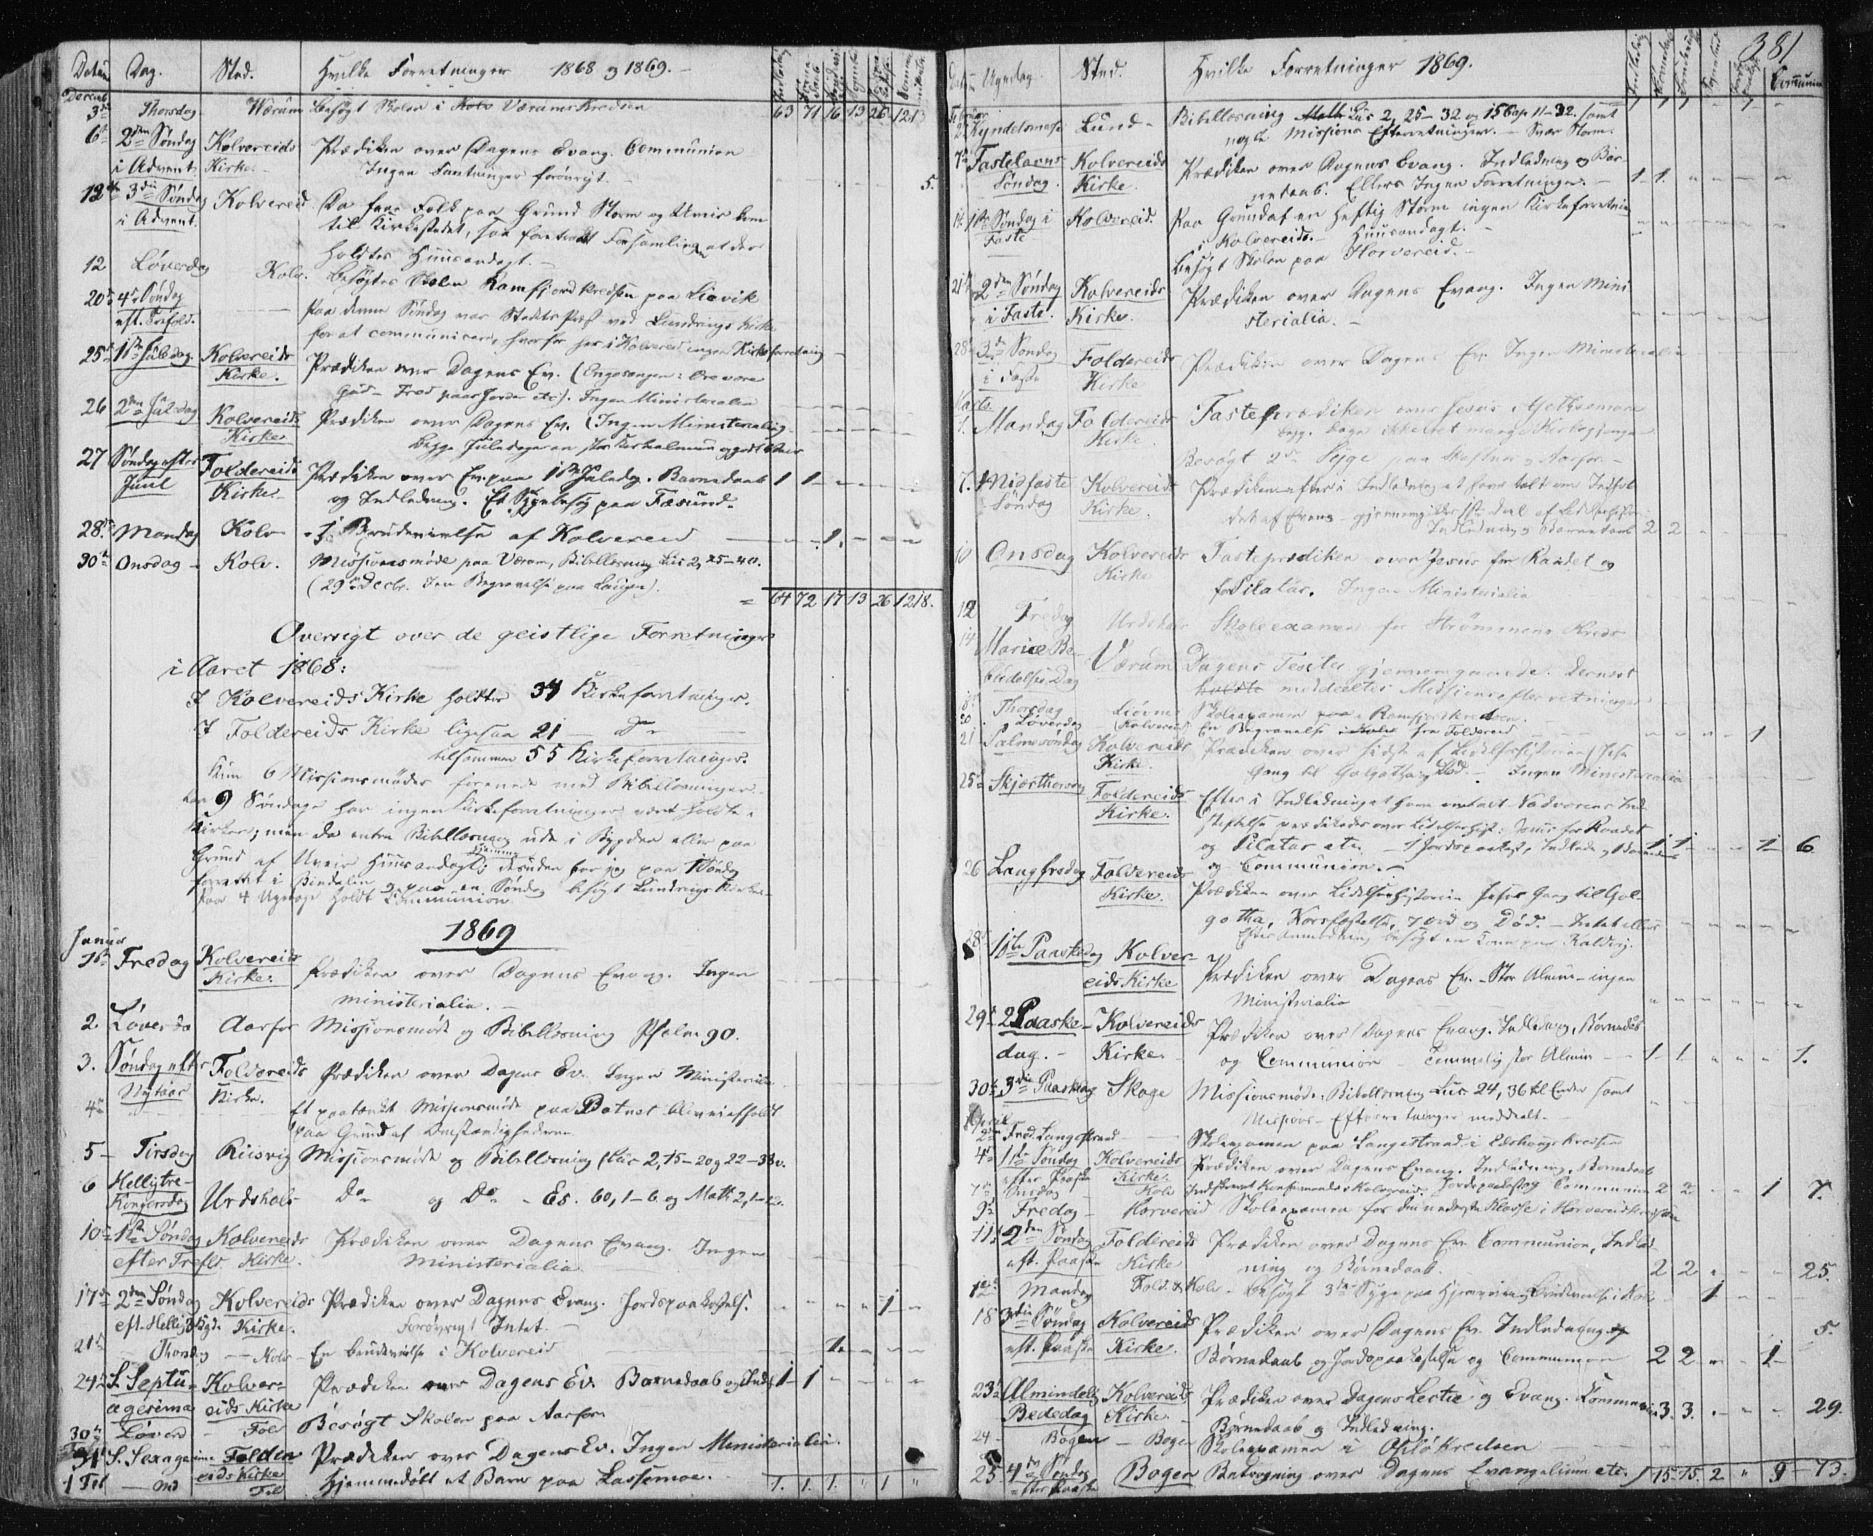 SAT, Ministerialprotokoller, klokkerbøker og fødselsregistre - Nord-Trøndelag, 780/L0641: Ministerialbok nr. 780A06, 1857-1874, s. 381